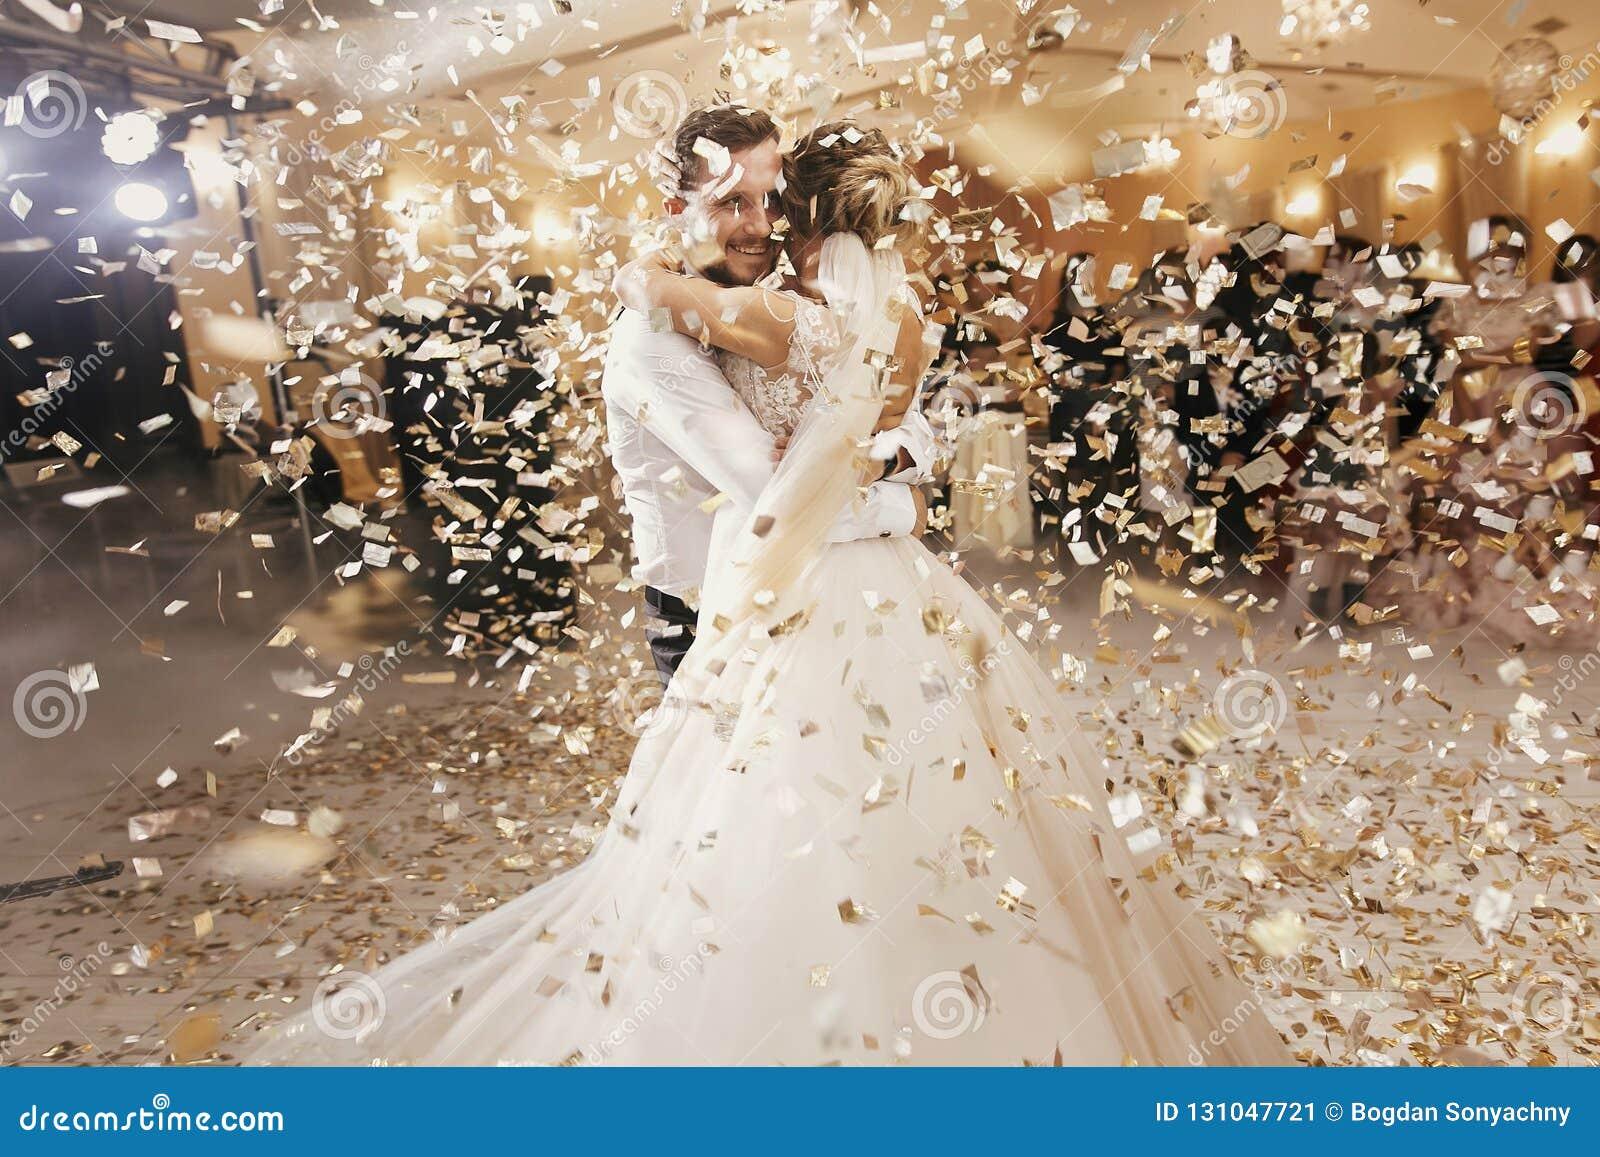 Wspaniała panna młoda i elegancki fornala taniec pod złotymi confetti a